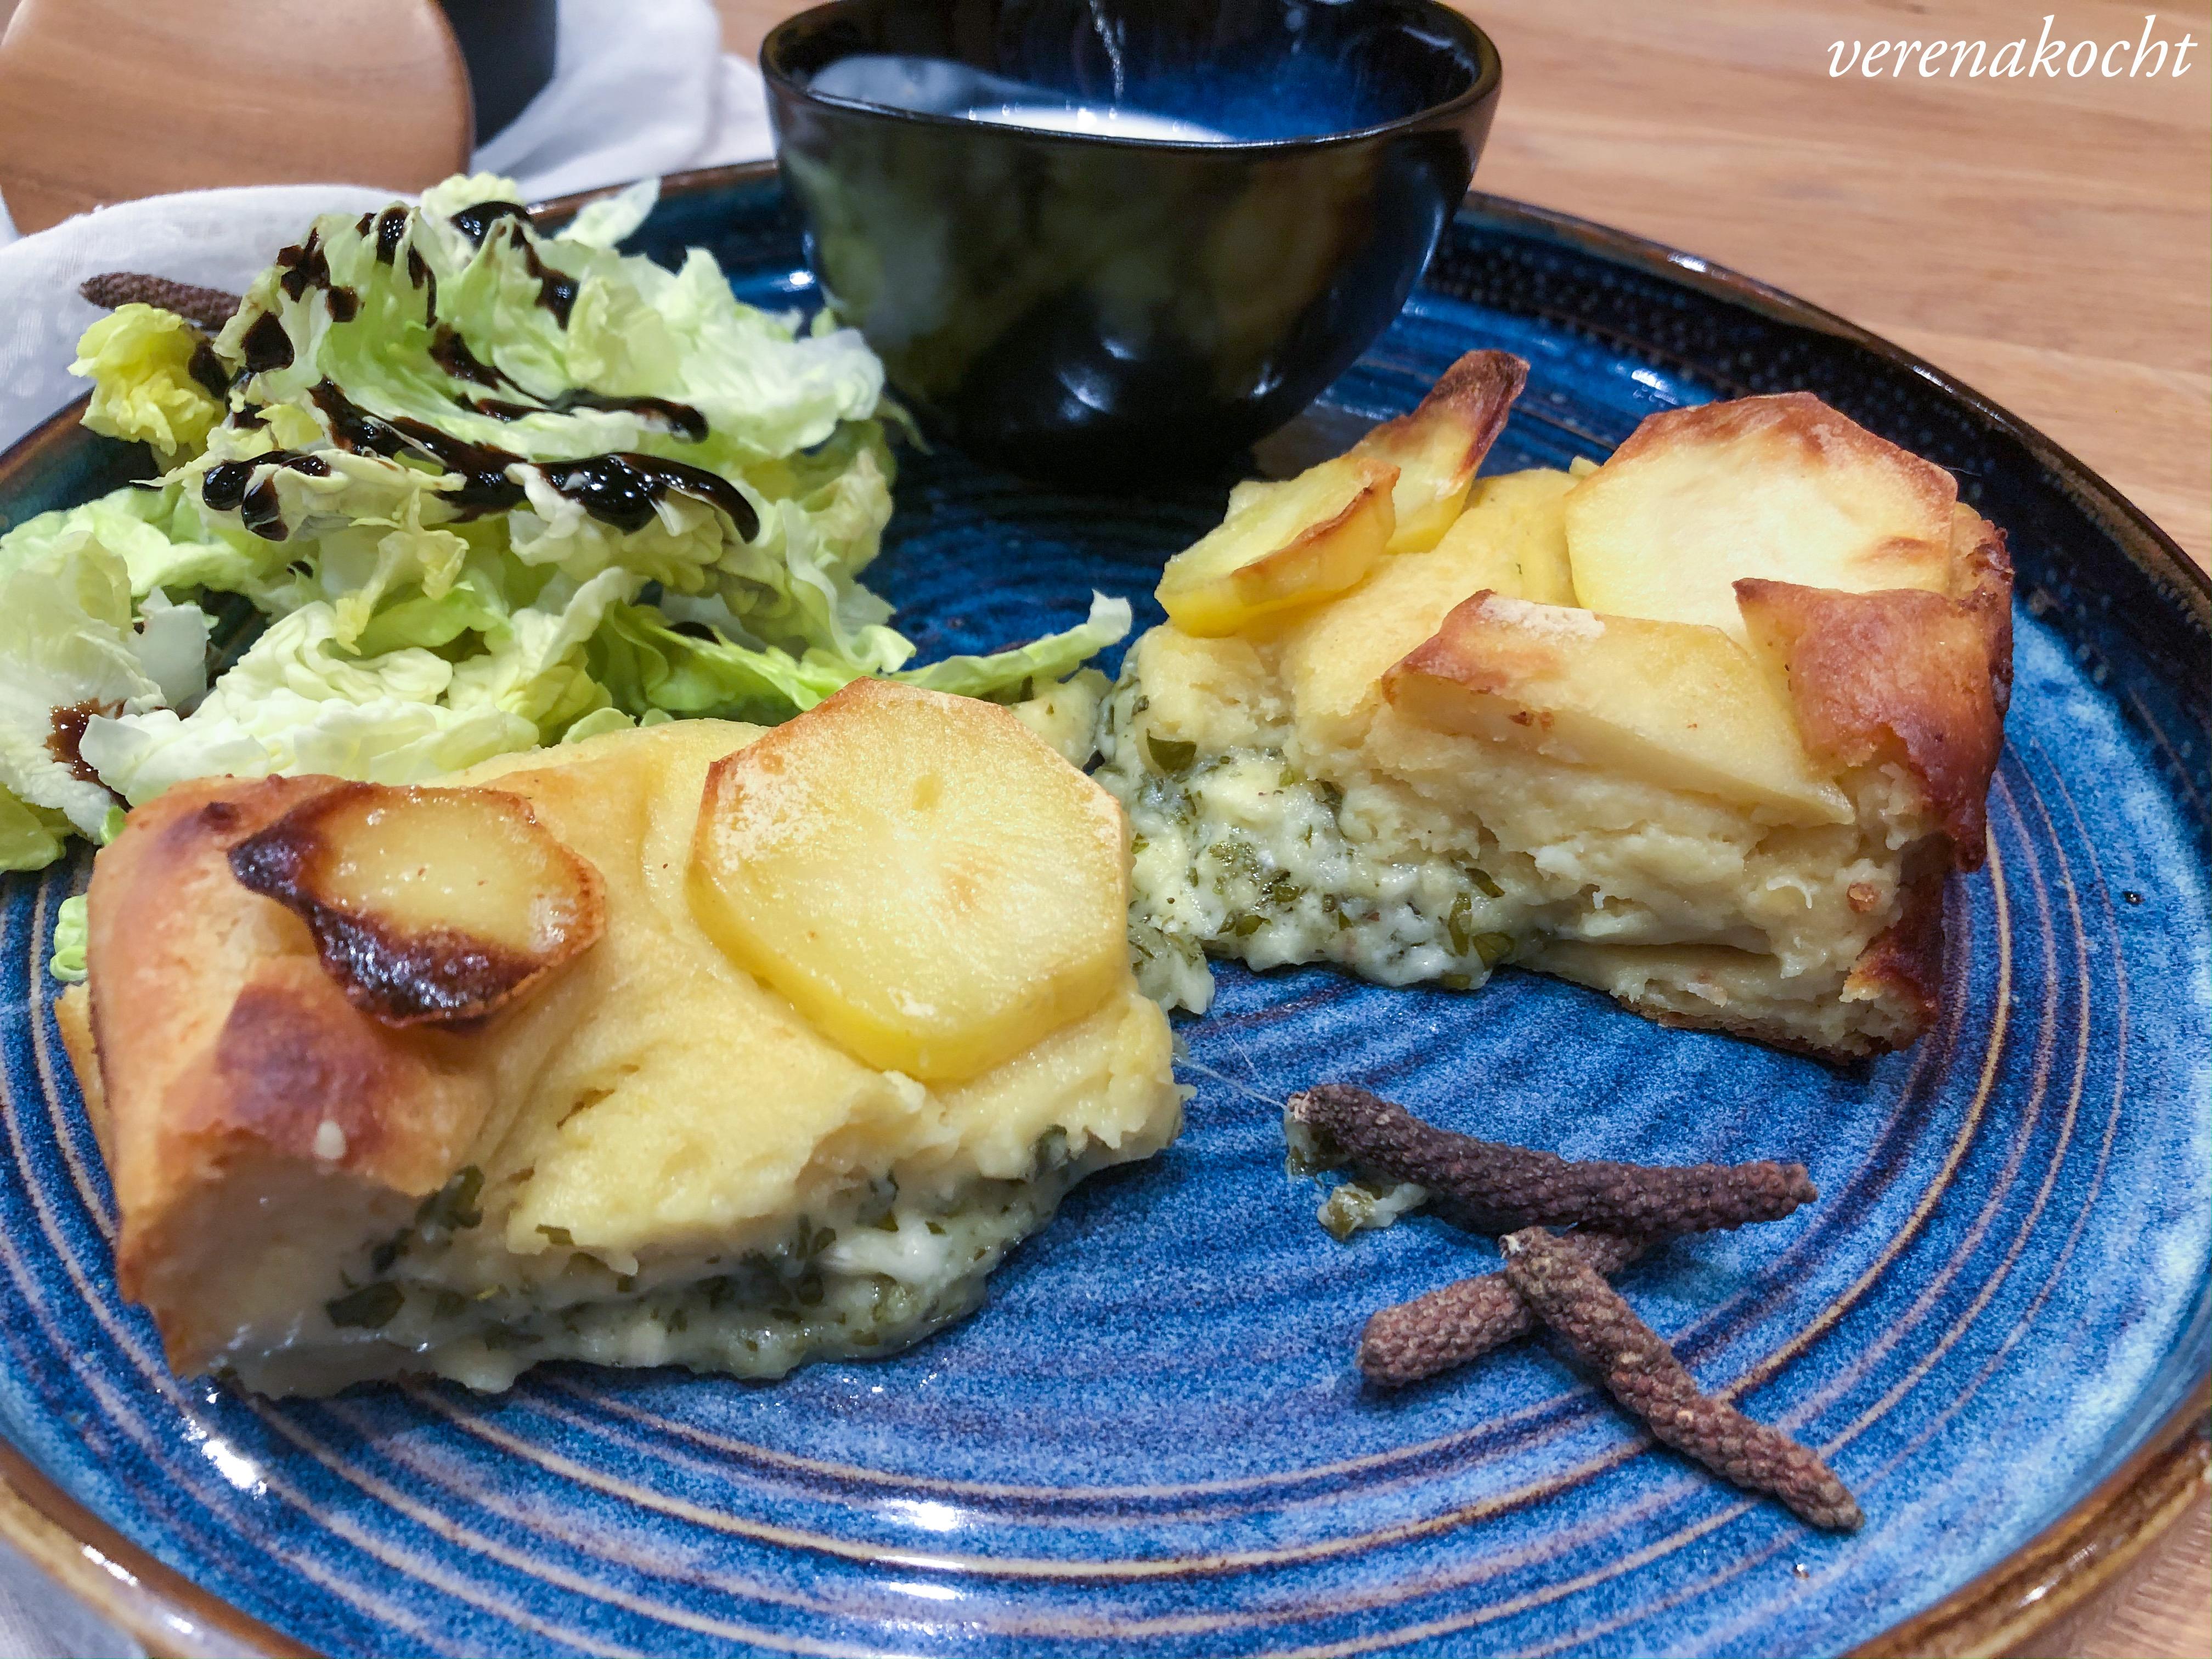 Kartoffelbraten mit Käse-Kräuter-Fülle